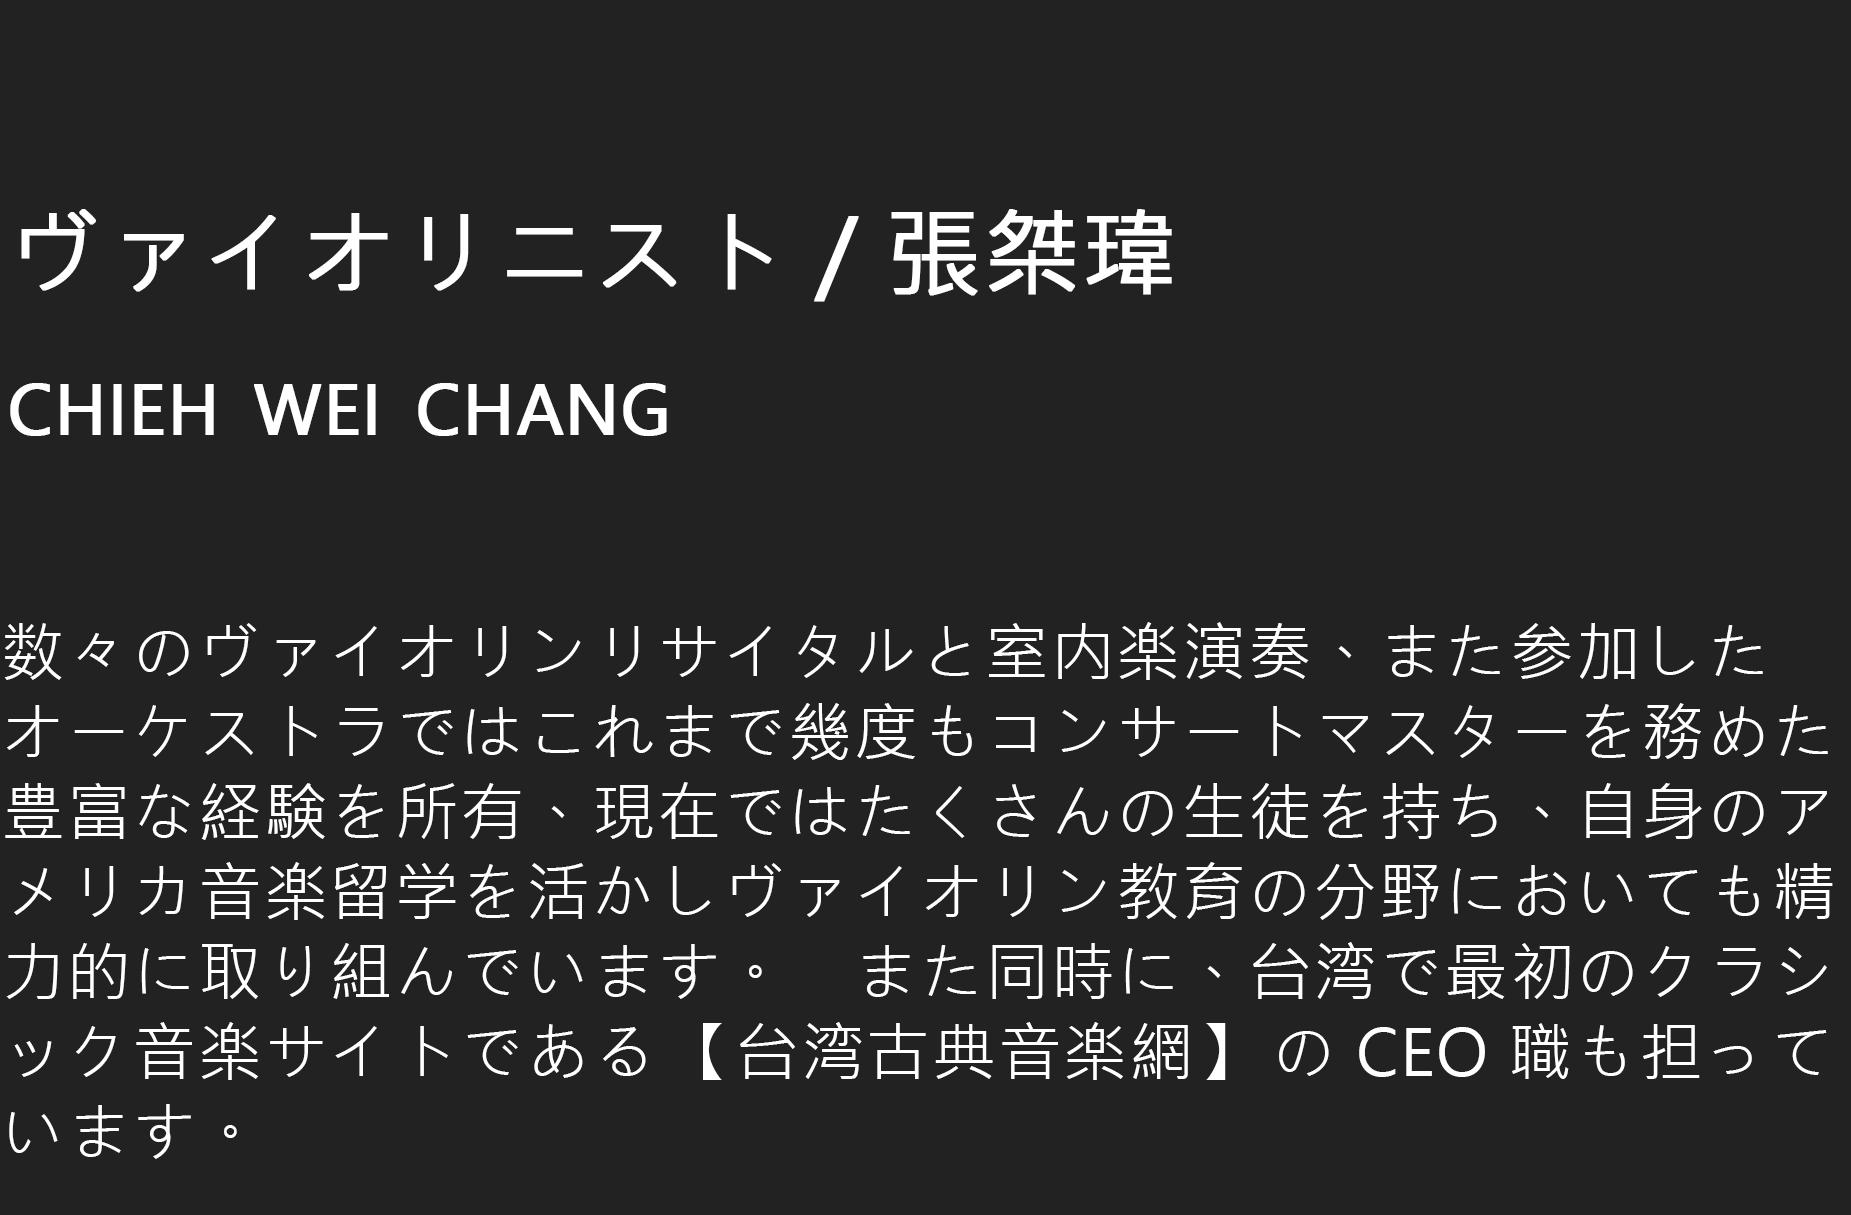 序文-日本語-s